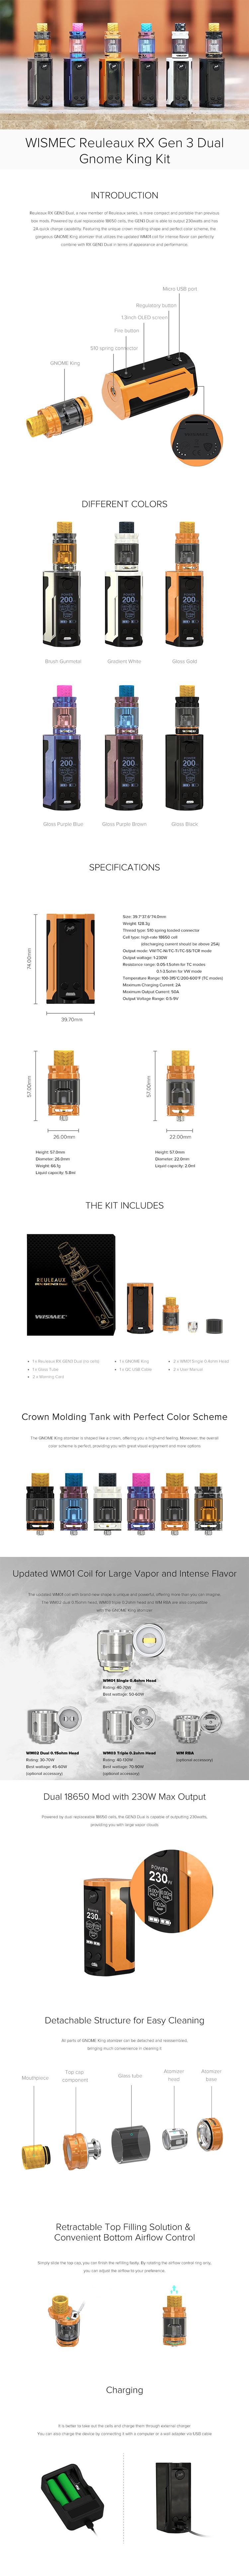 Wismec Reuleaux RXGEN3 Dual Kit